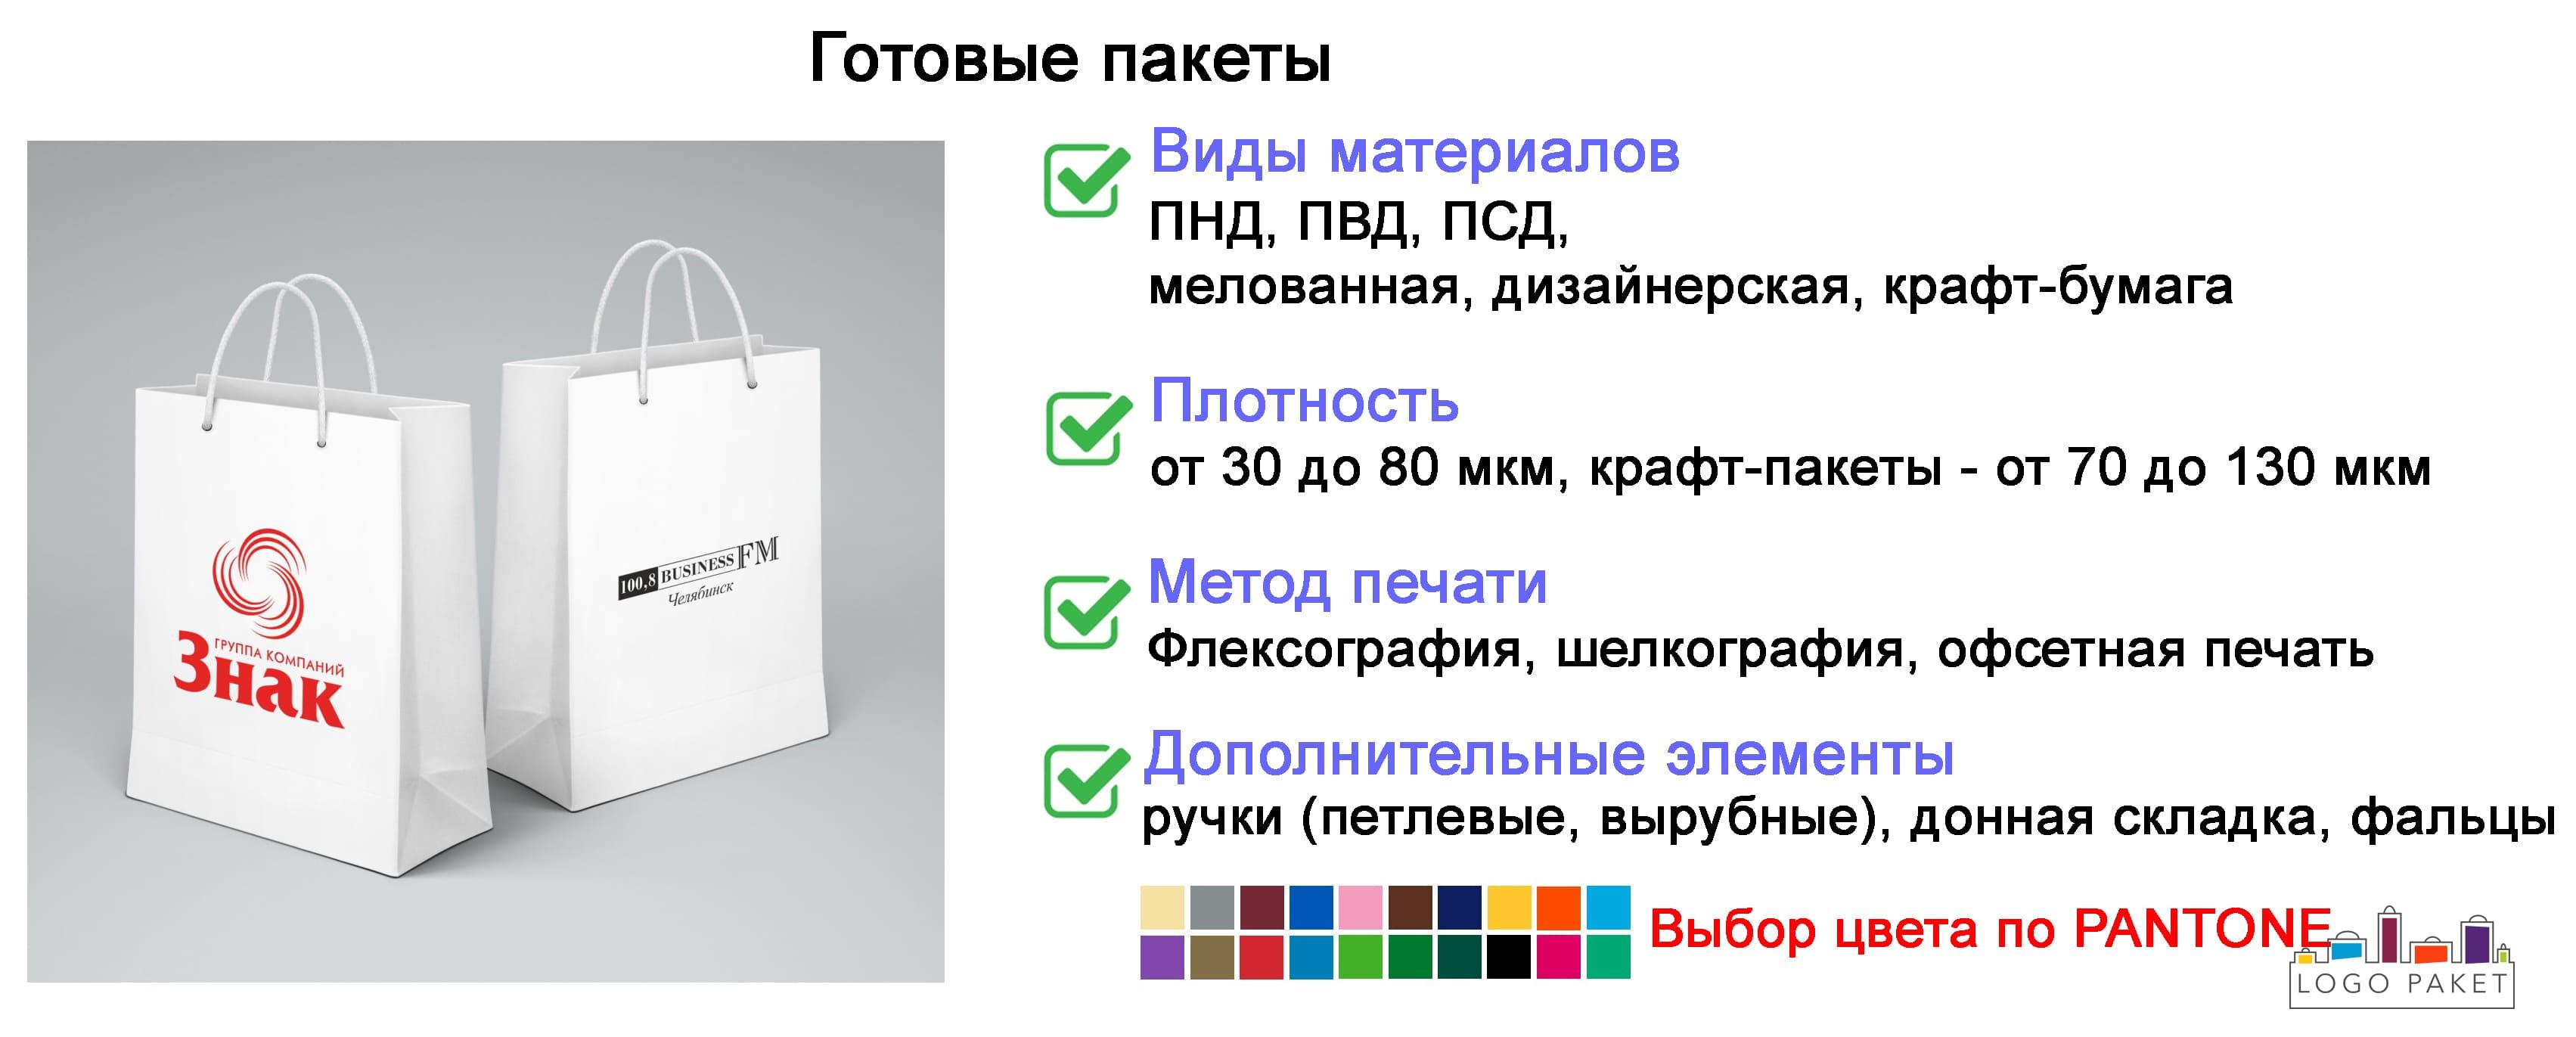 гоовые пакеты инфографика